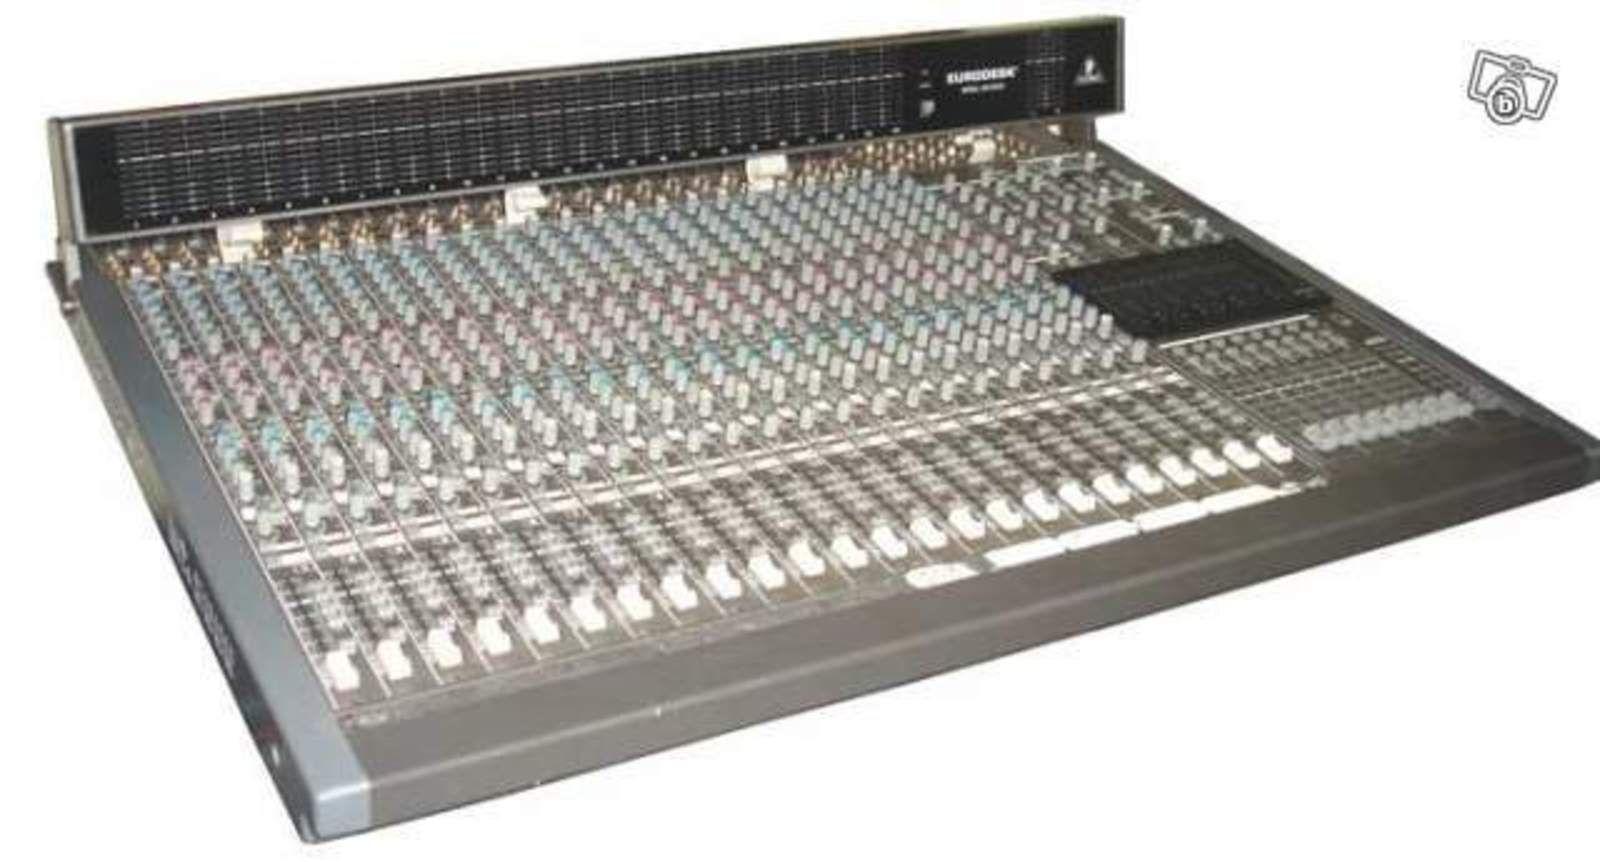 Behringer Eurodesk MX-8000